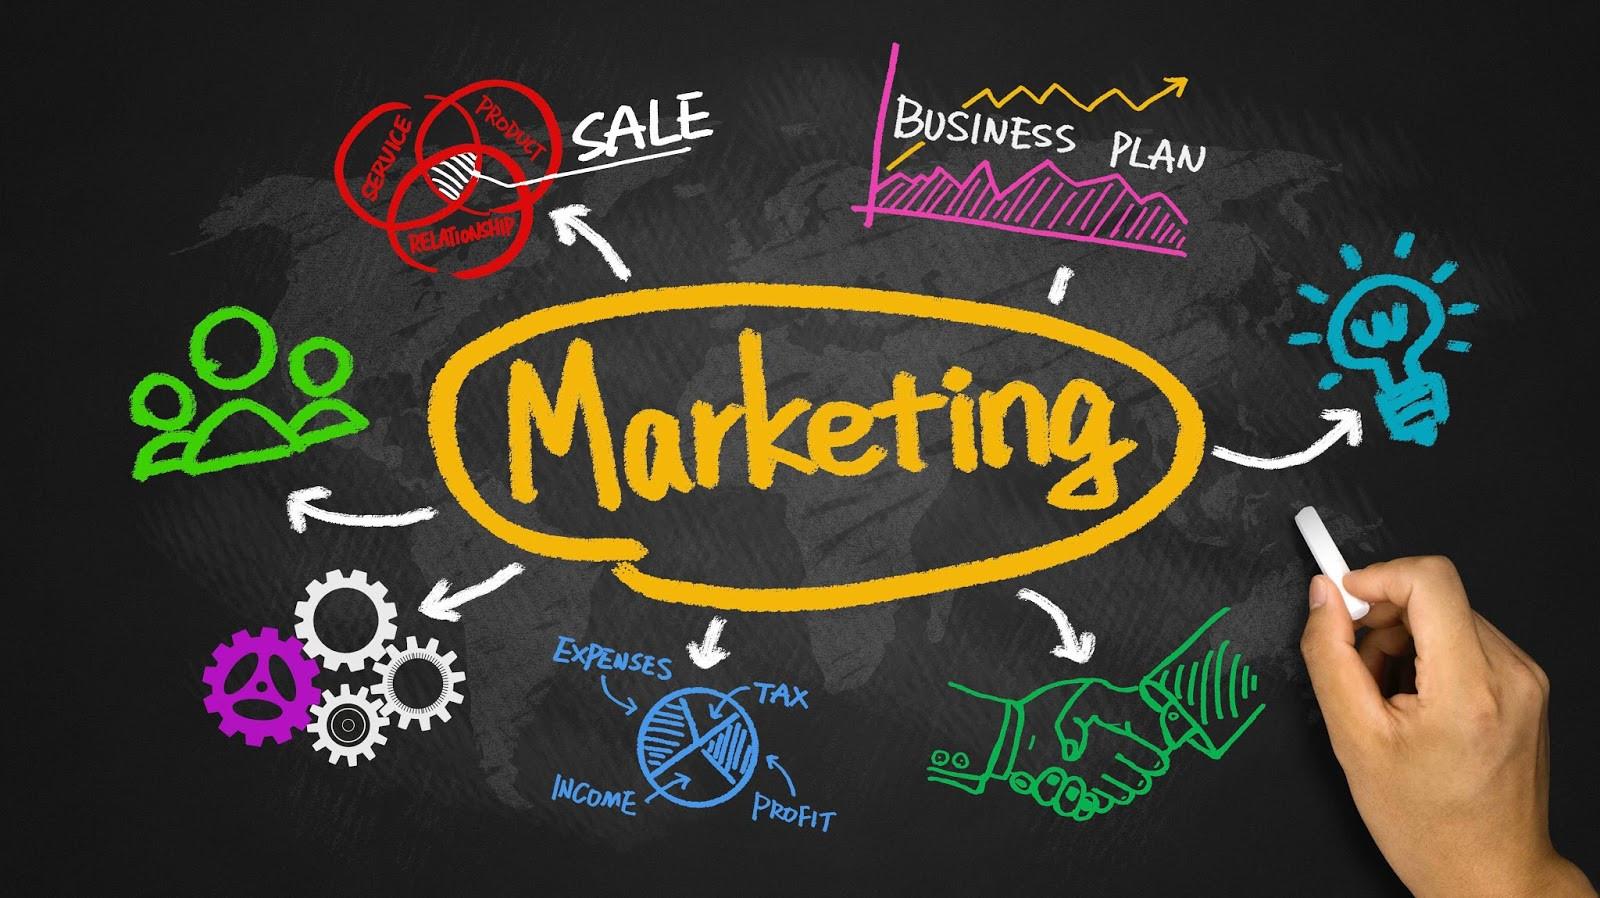 Профессия маркетолог: какие экзамены нужно сдавать при поступлении